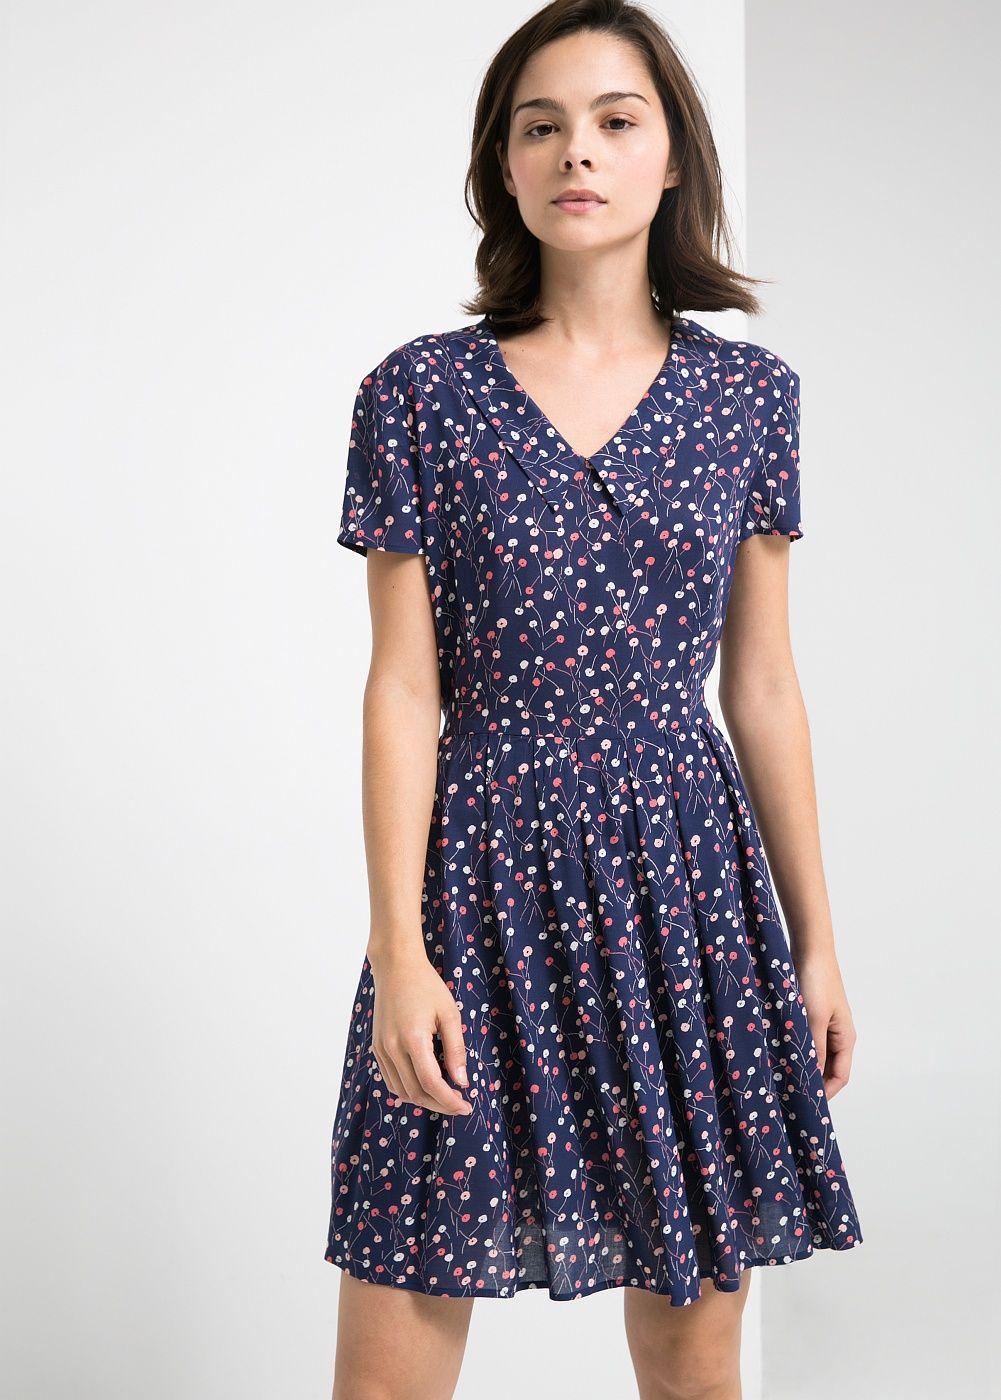 Vestido estampado - Mulher   Vestido estampado, Mango y Vestiditos